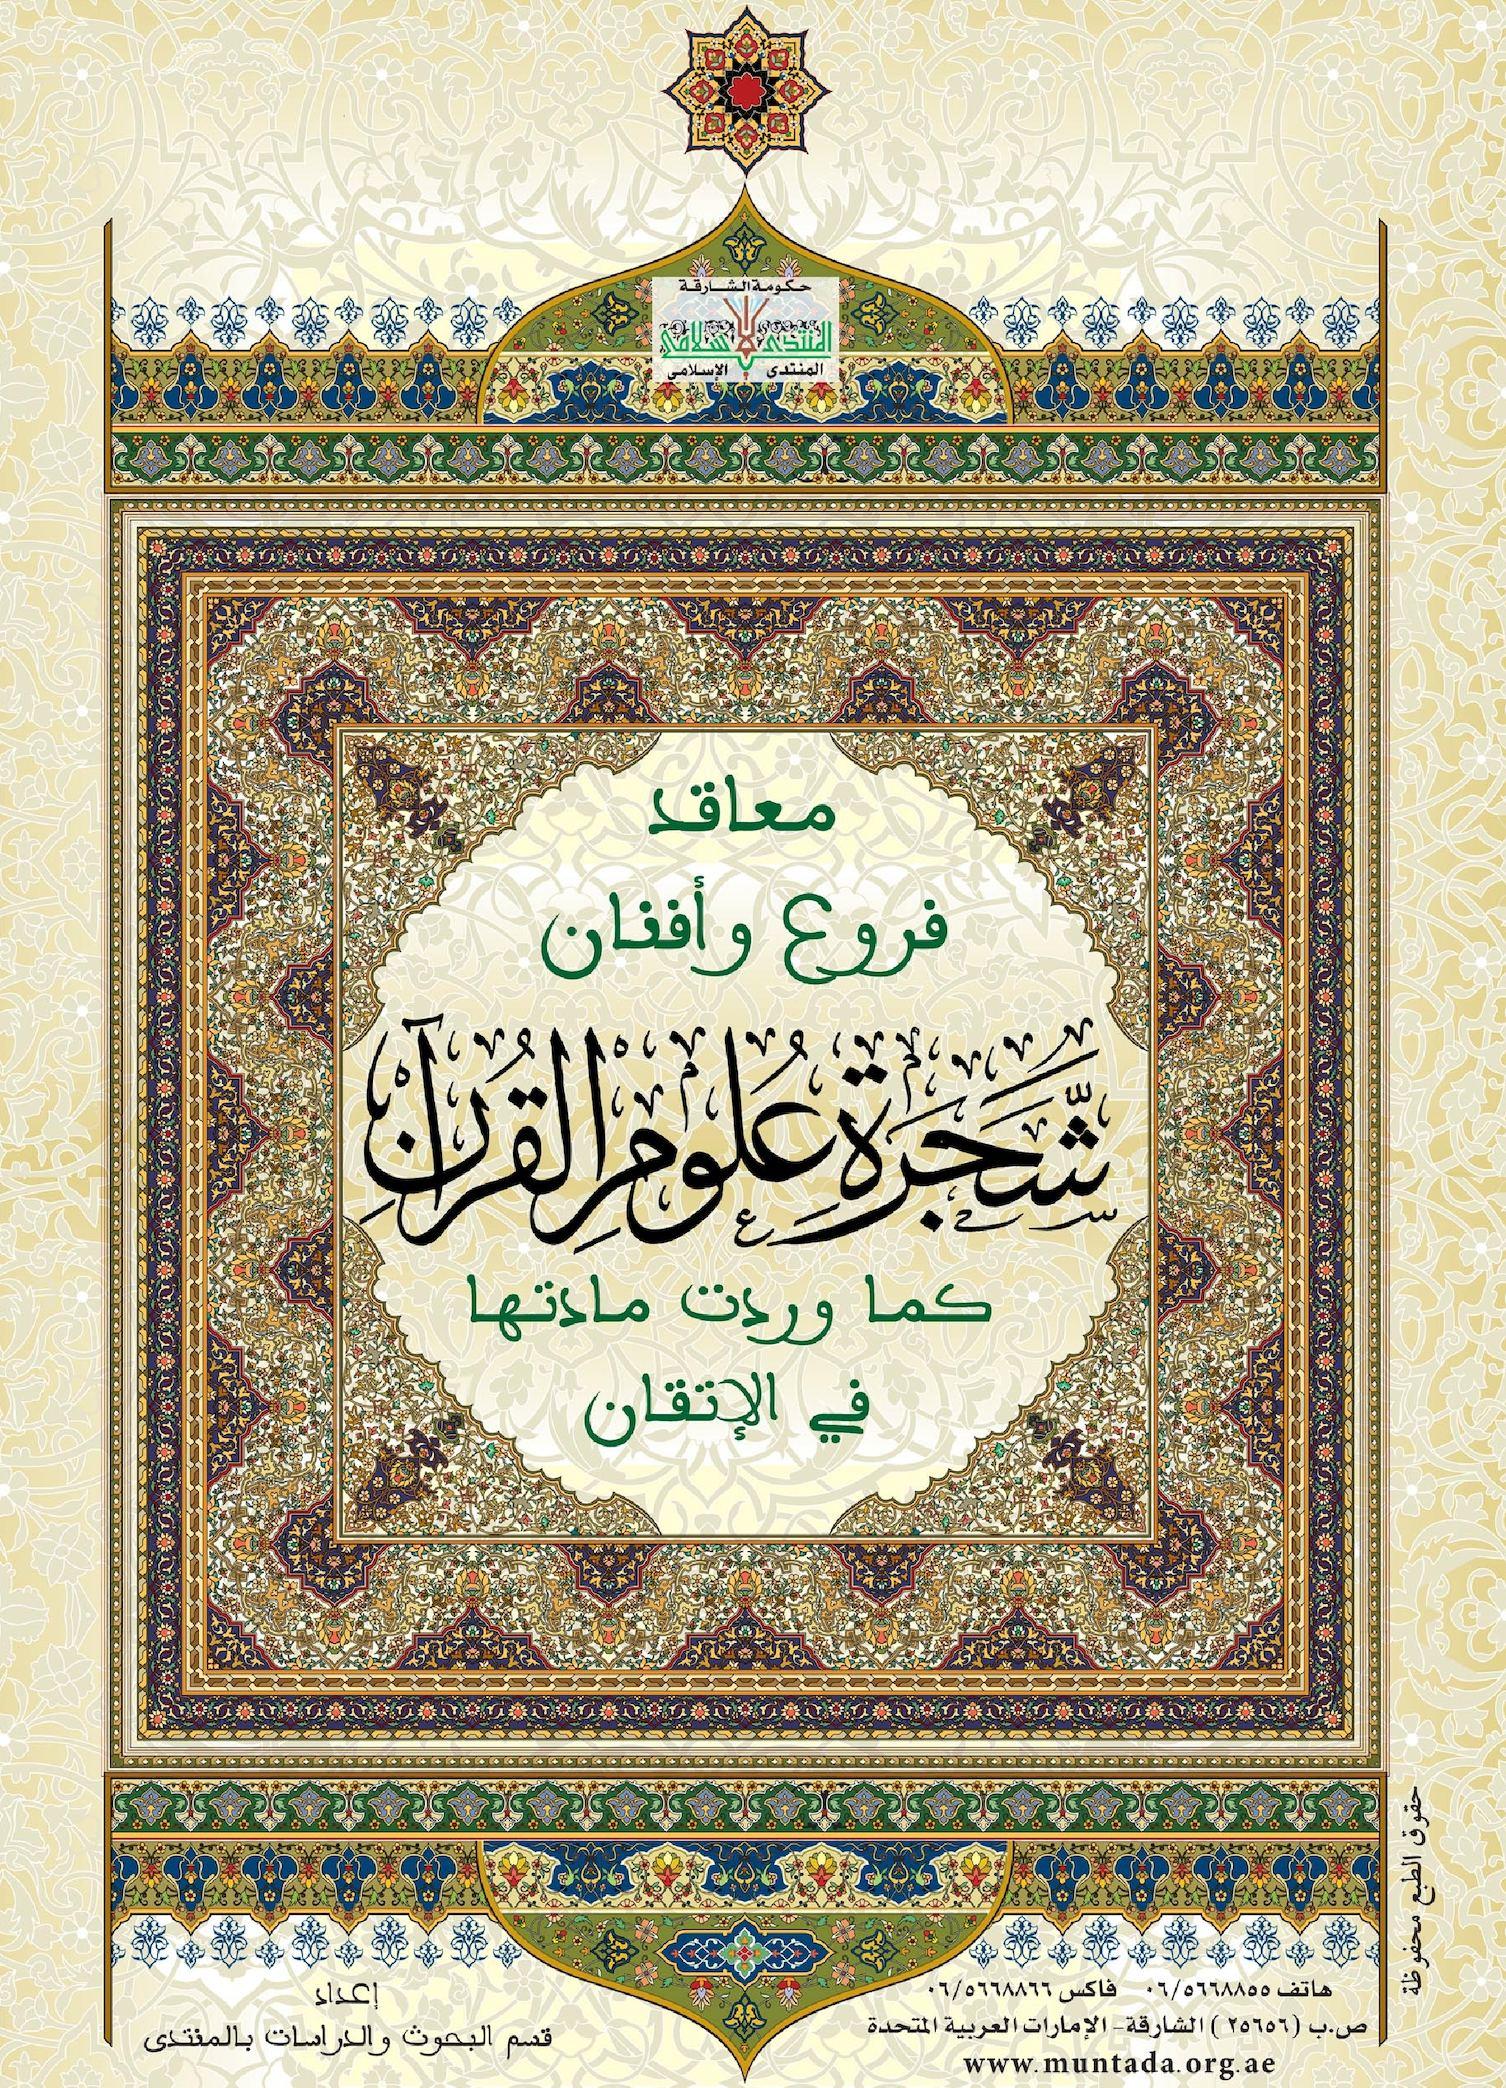 تشجيرعلوم القرآن في كتاب الاتقان